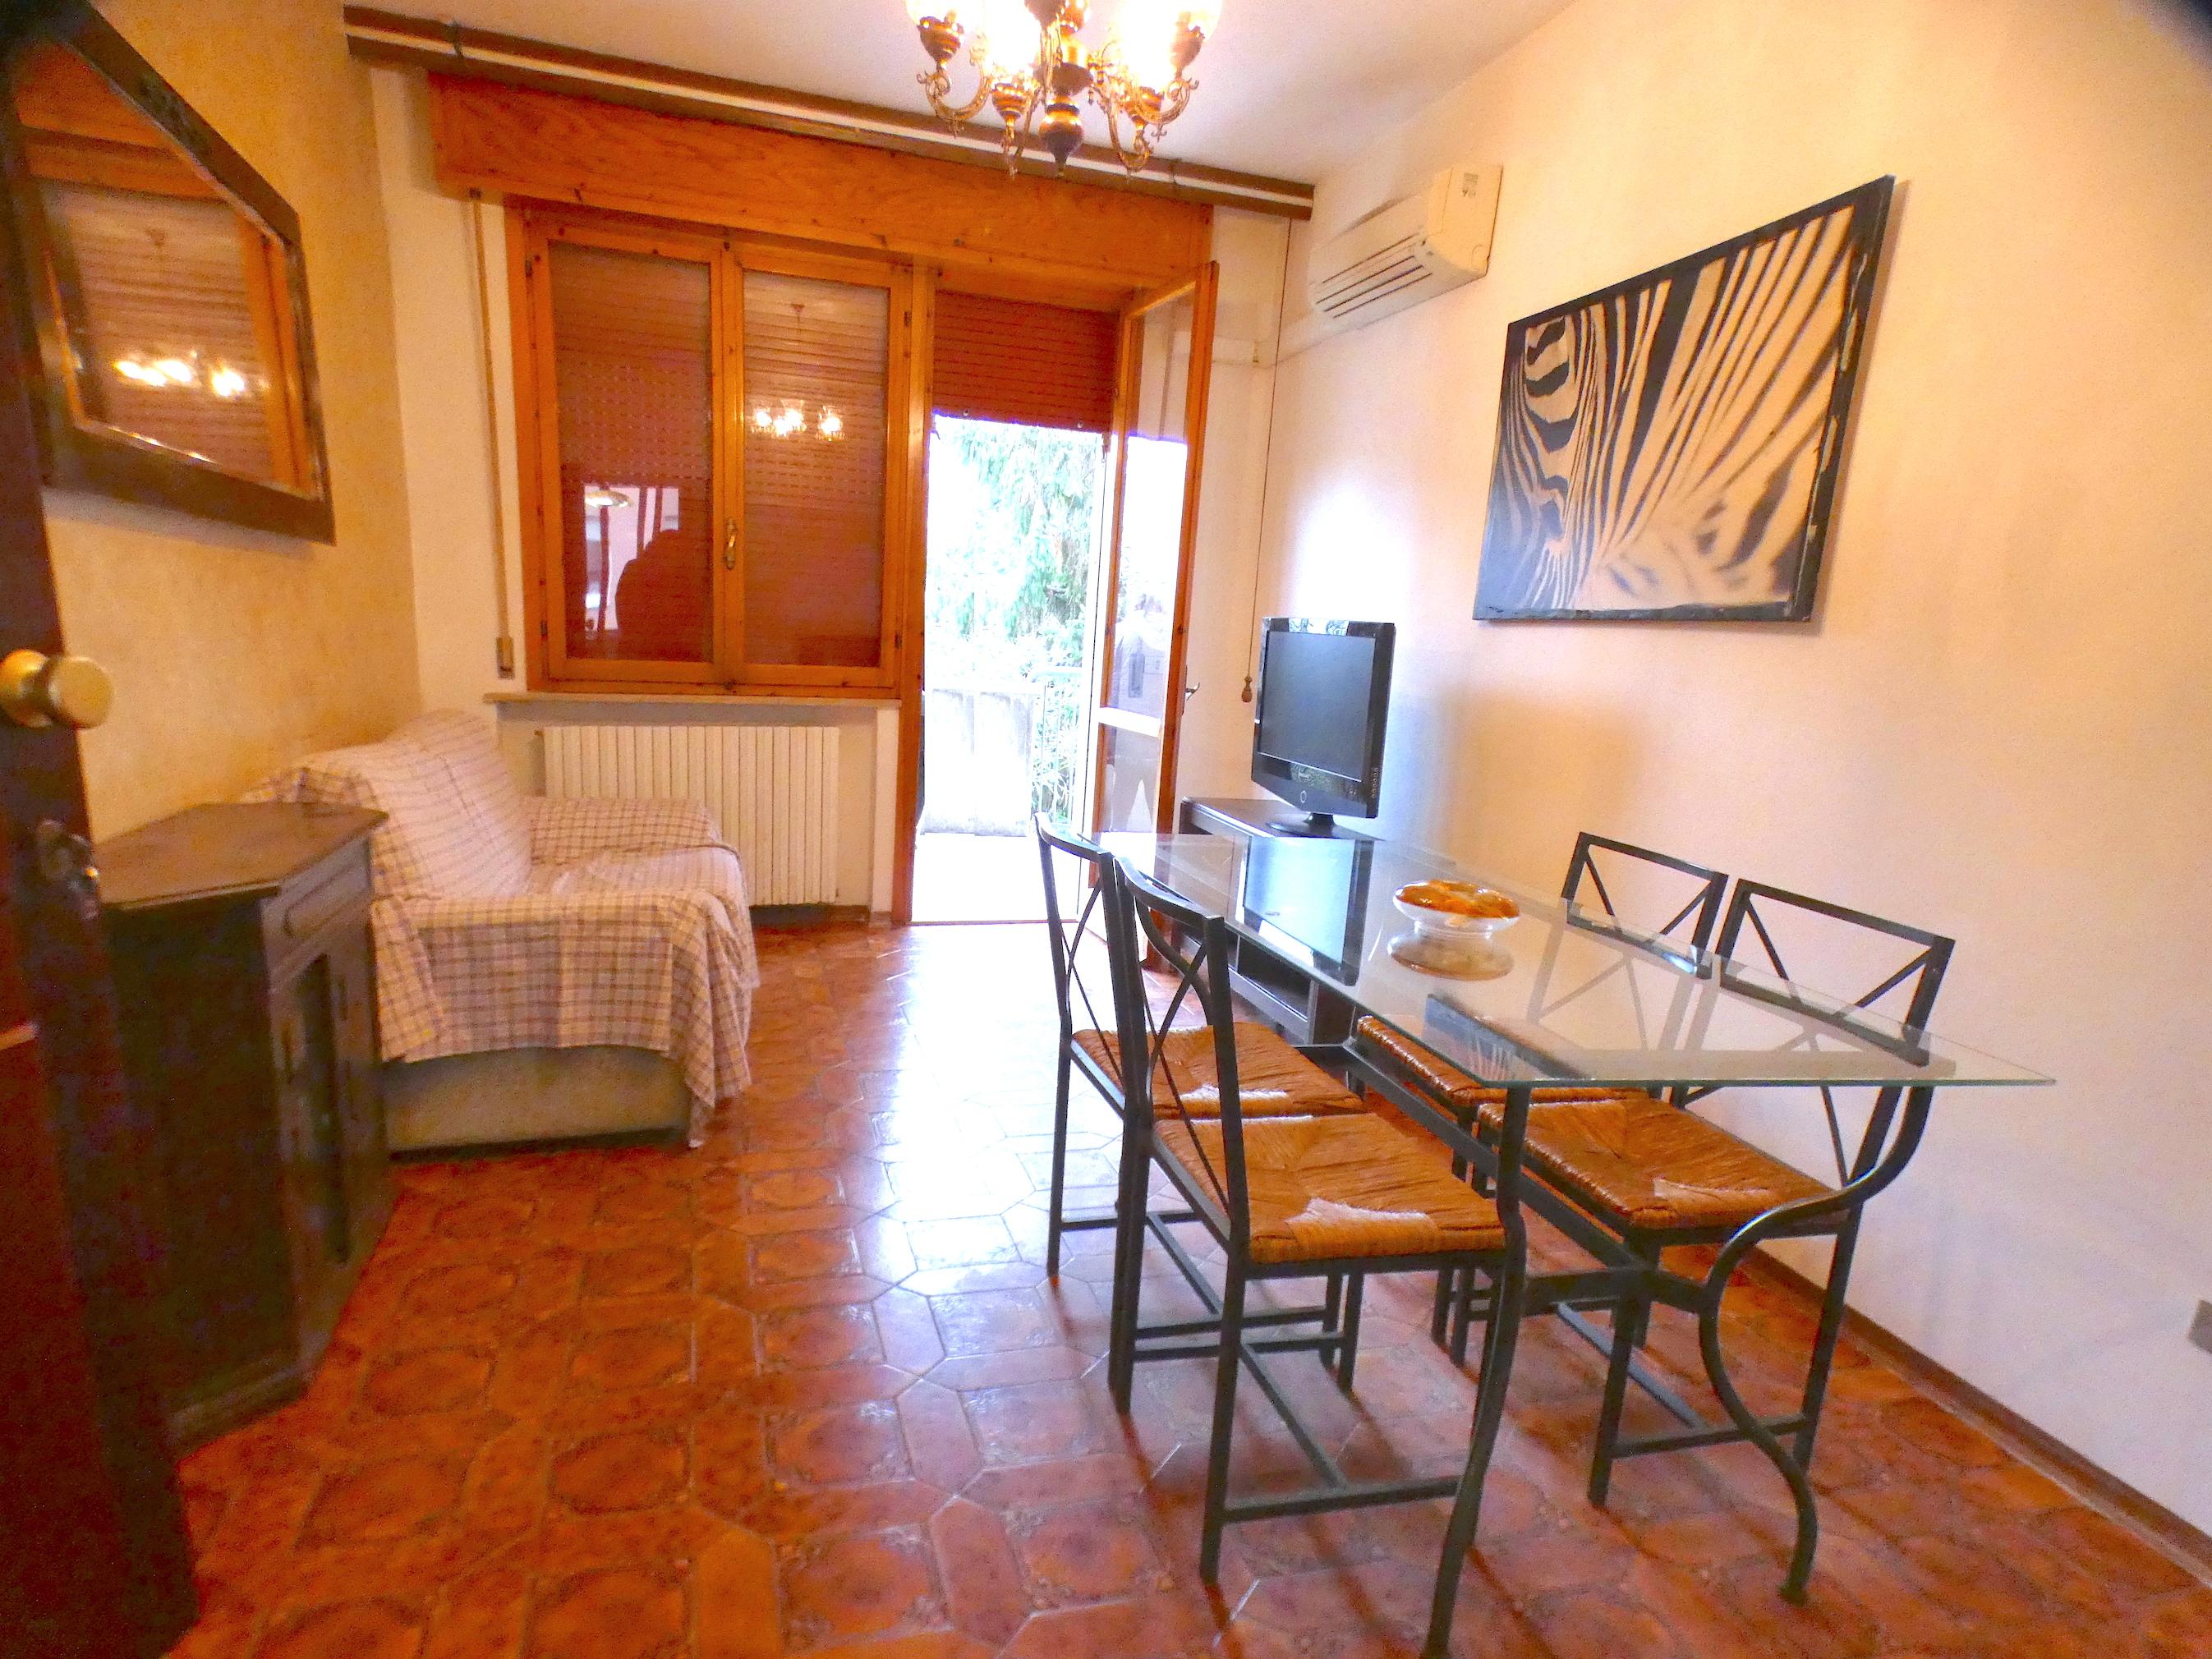 RICCIONE PUNTA DELL'EST, 4 locali terrazzo e ingresso indipendente in vendita